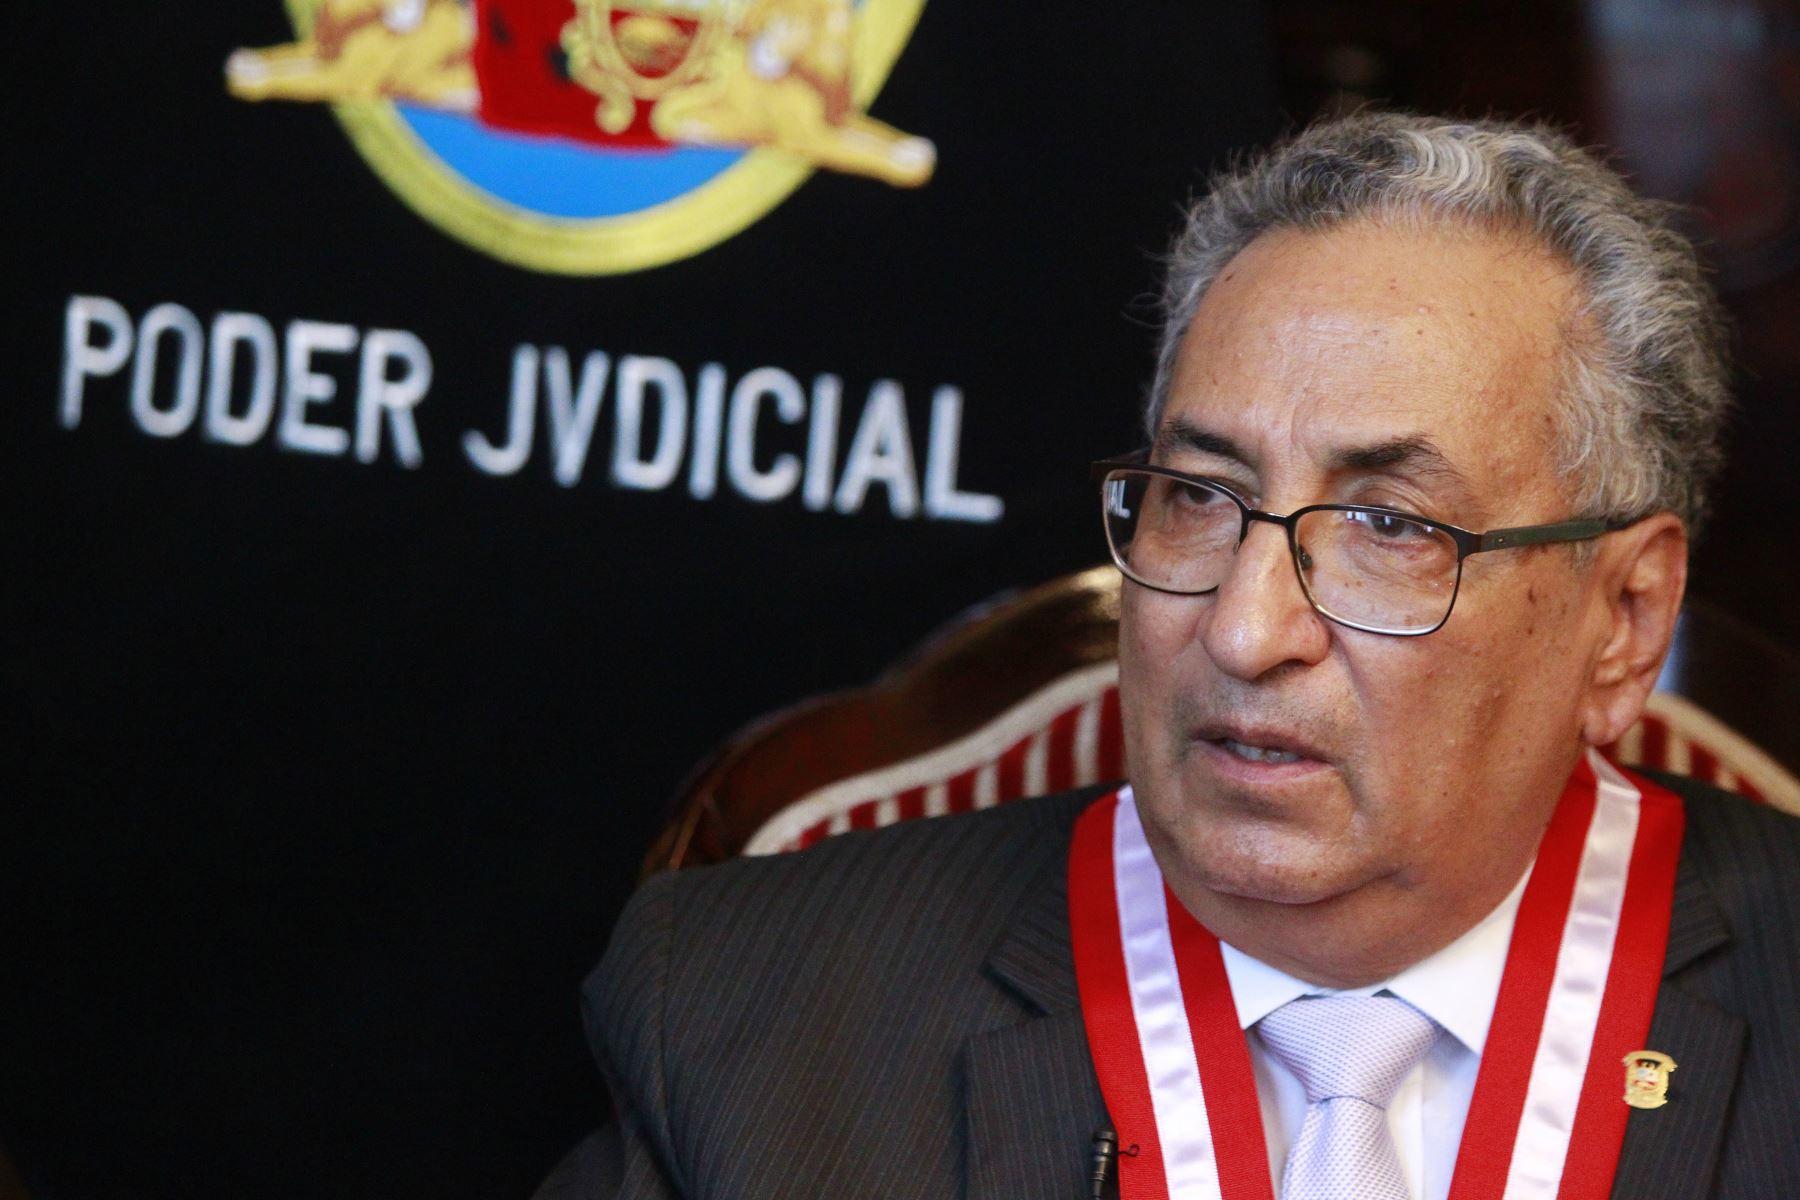 Caso de José Luis Lecaros es revisado por la fiscal de la Nación (La República)